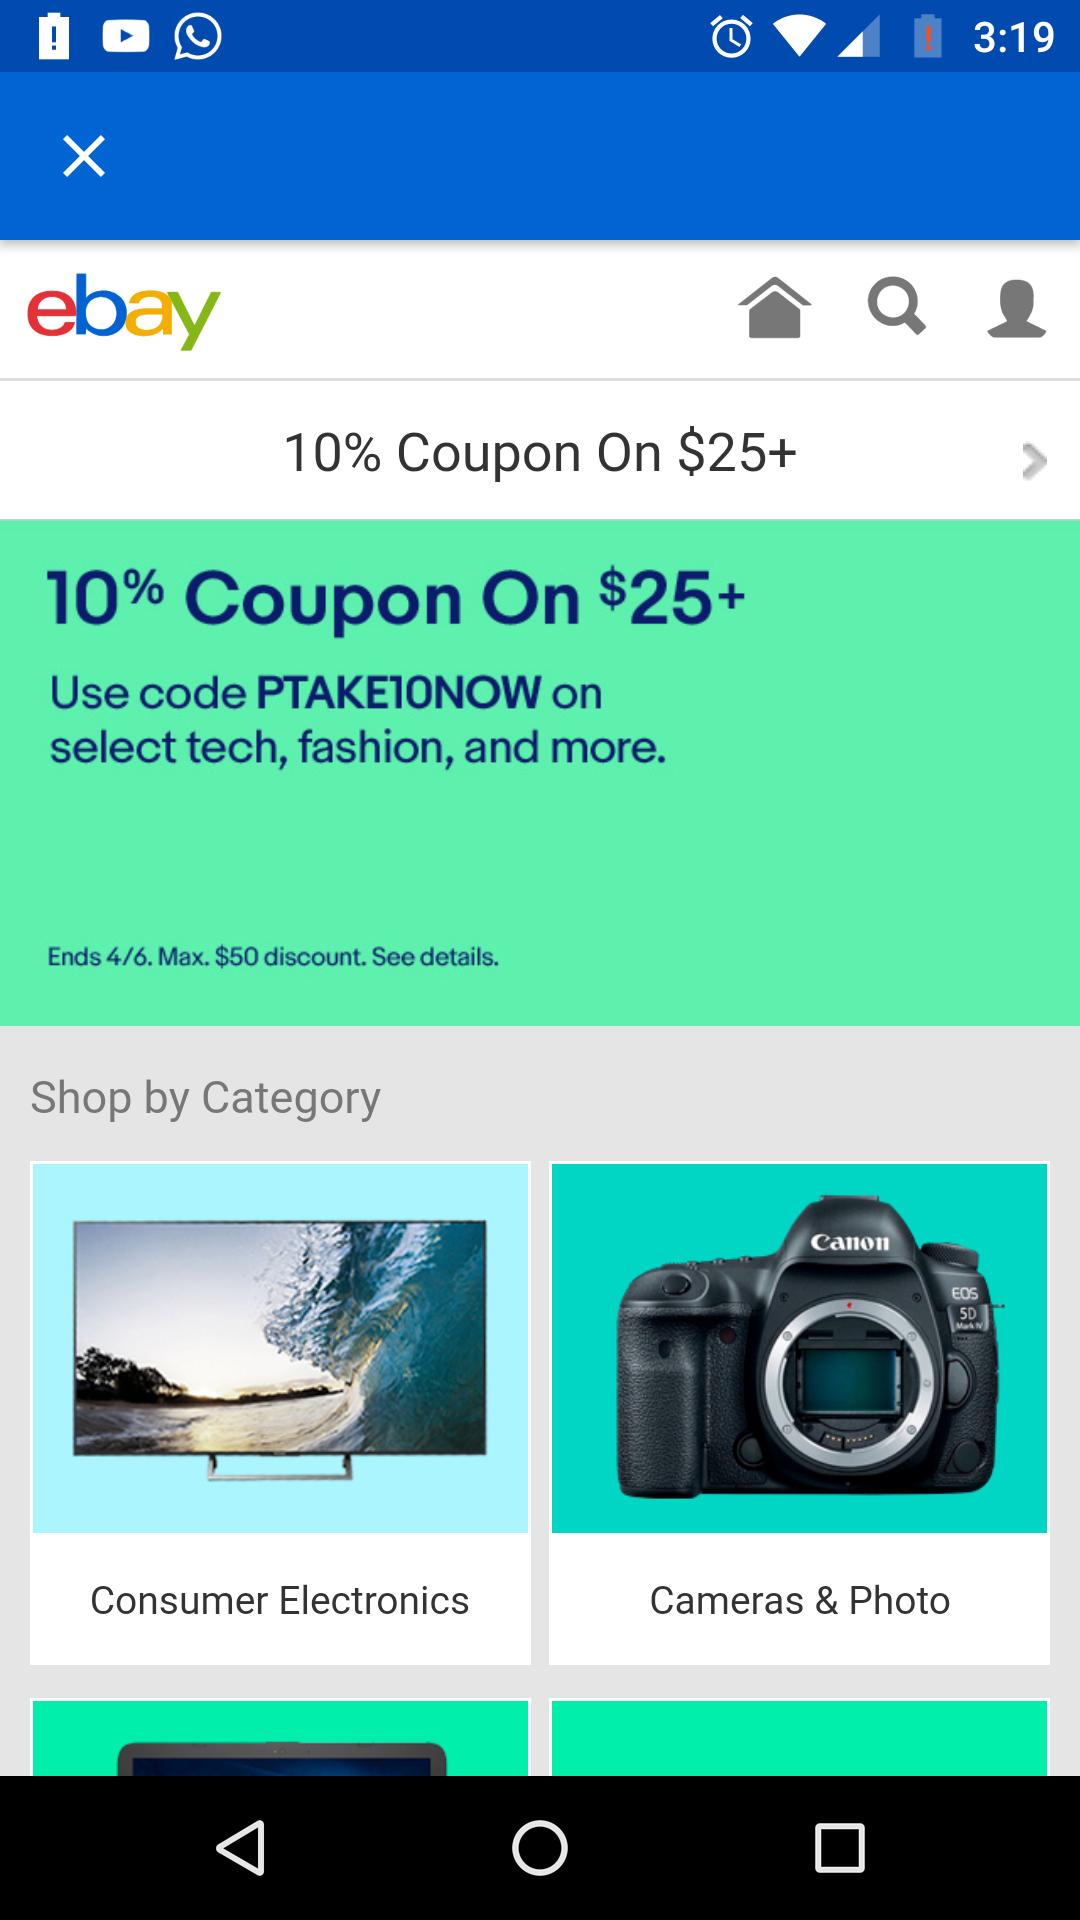 ebay: 10% descuento en compras mayores $25usd con Vendedores seleccionados